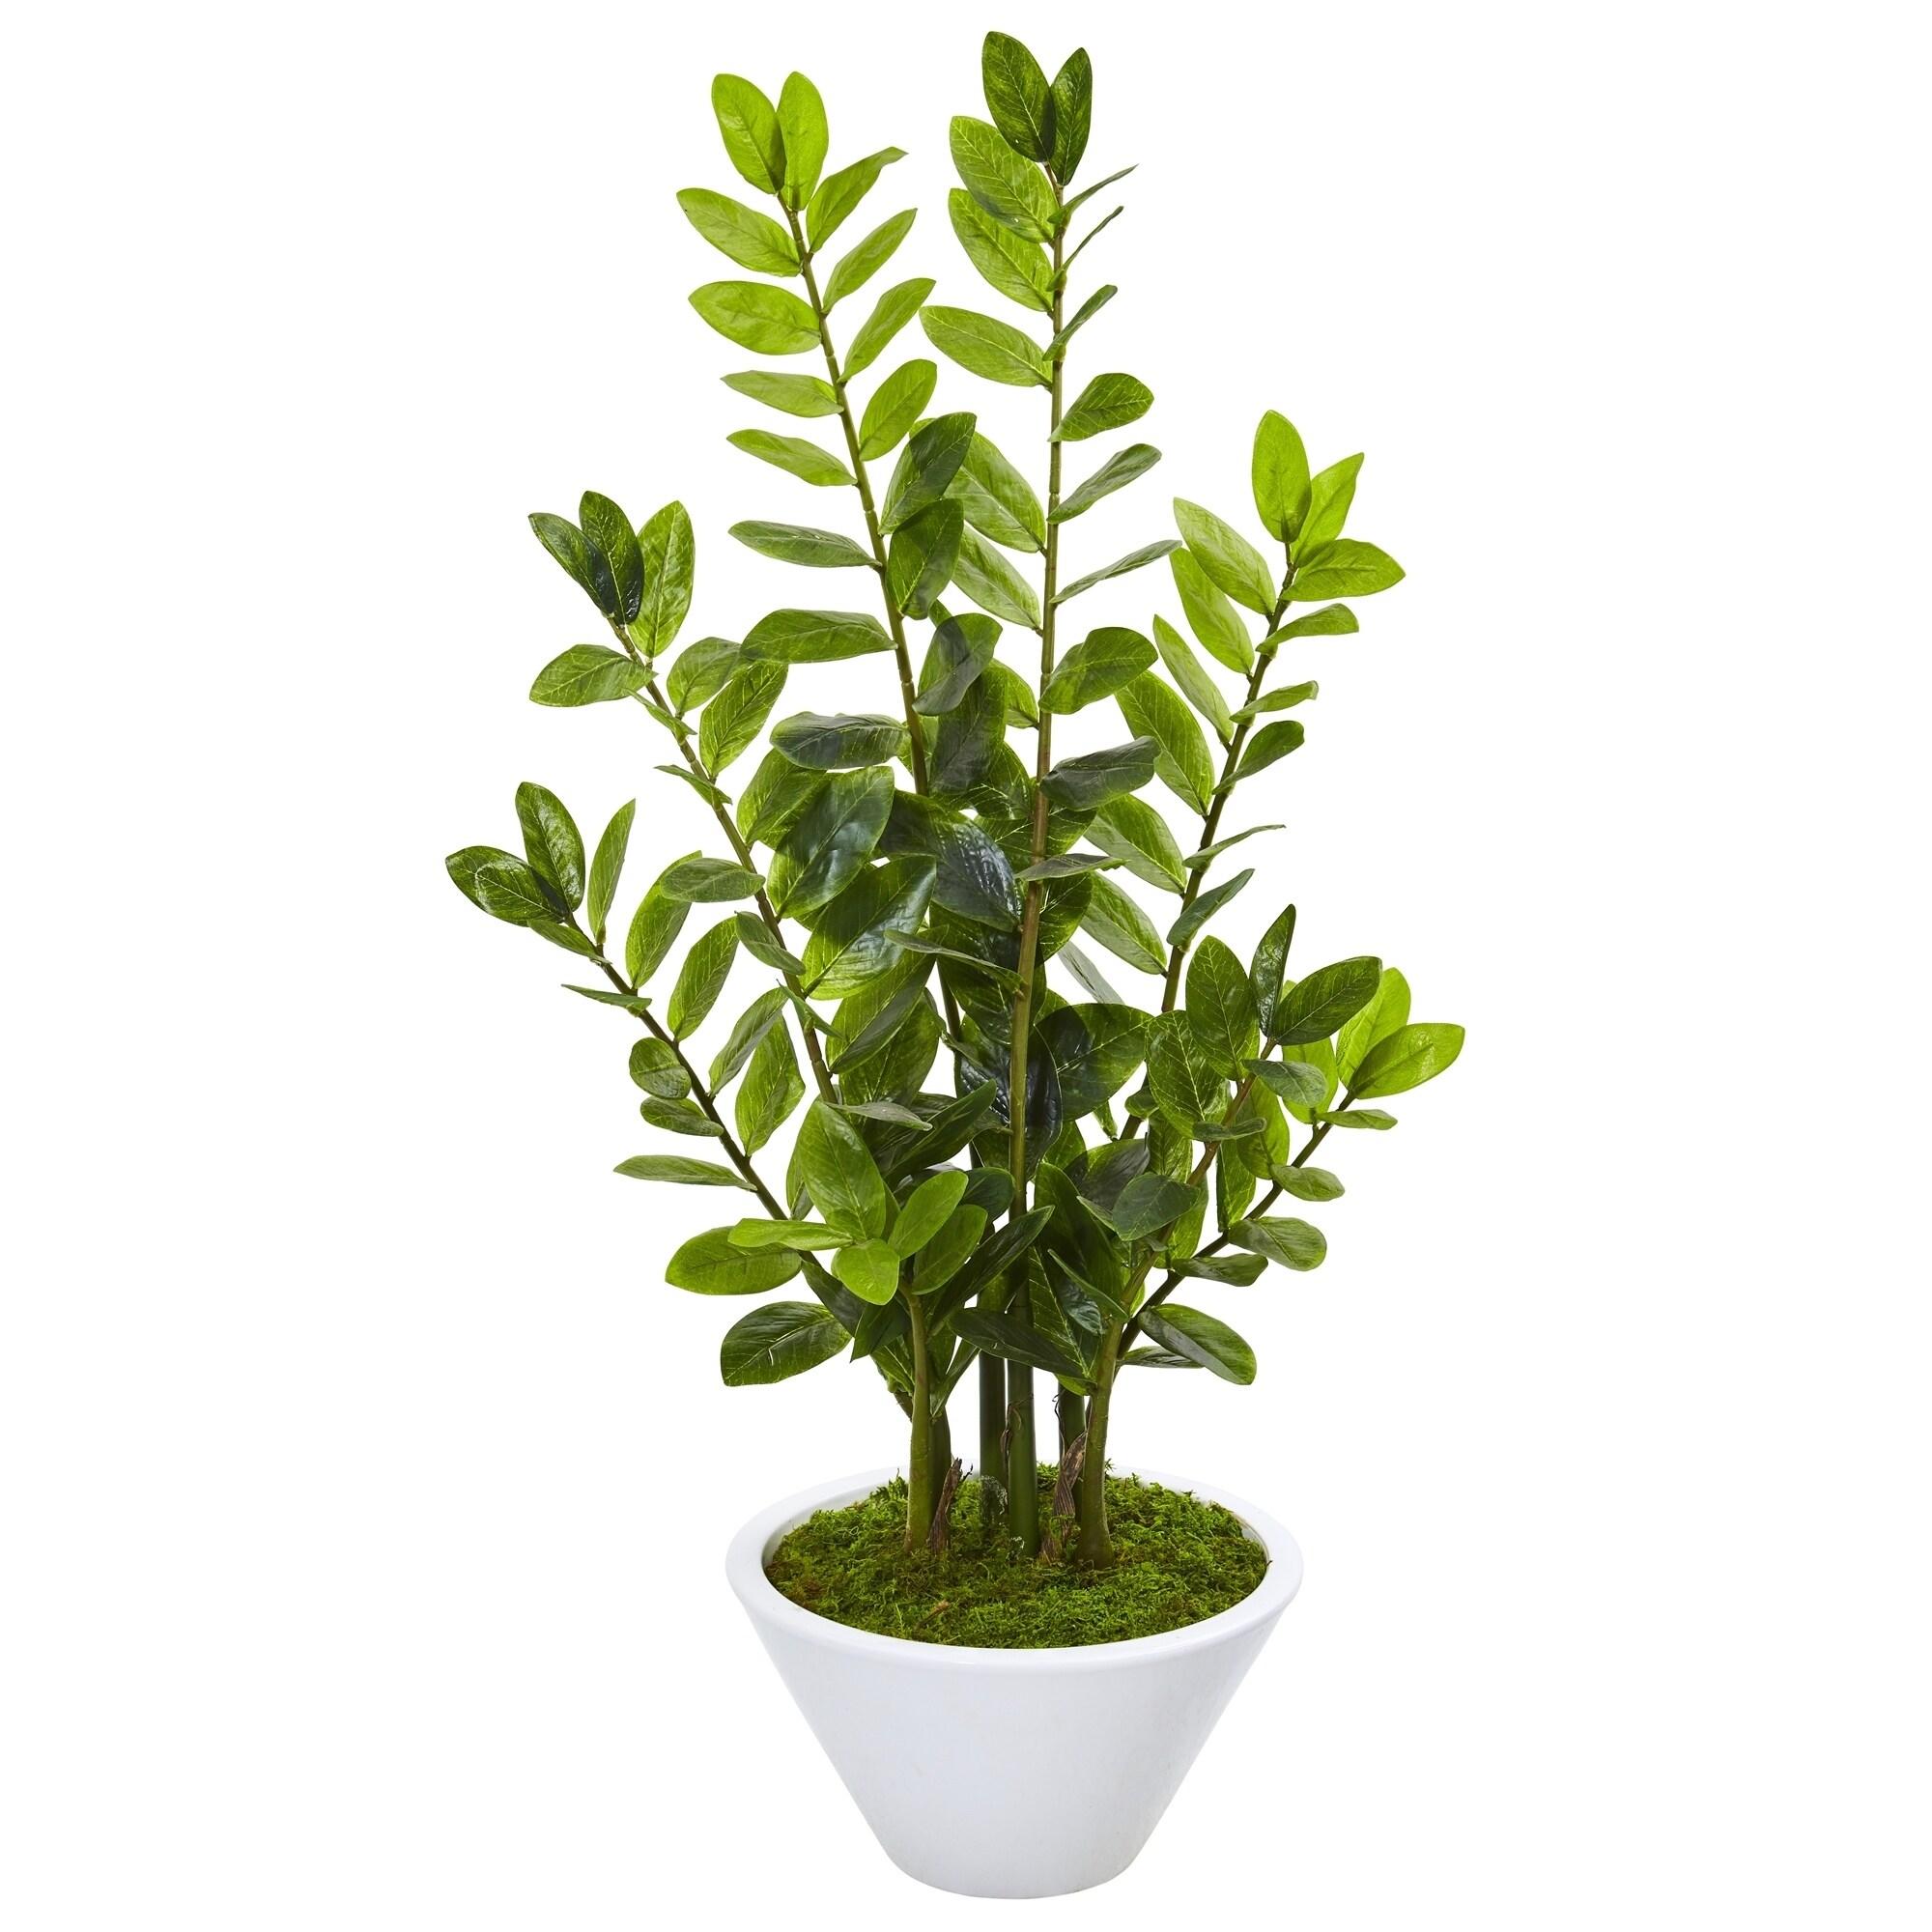 37 Zamioculcas Artificial Plant in White Planter